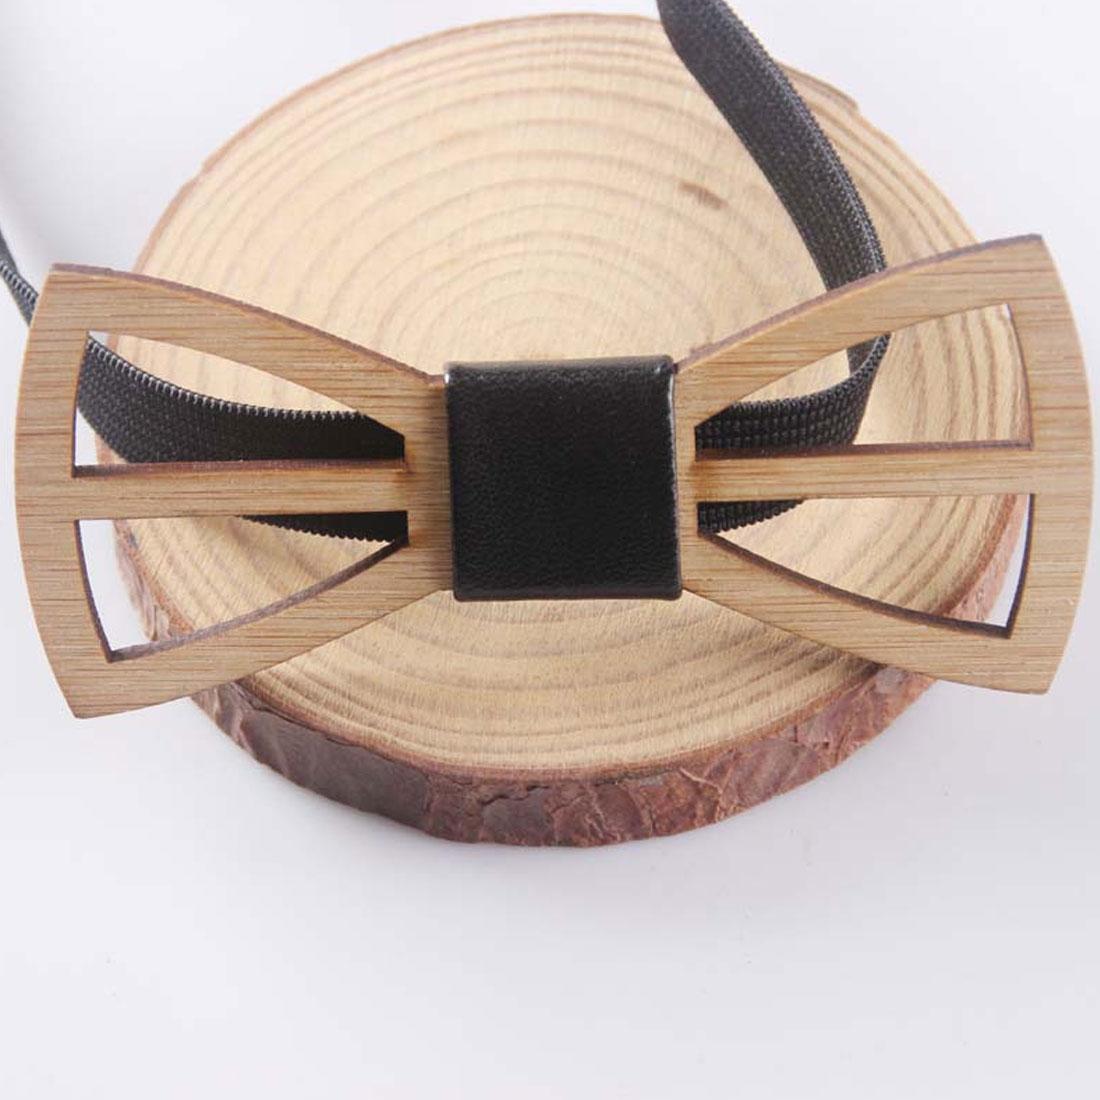 Нежный уникальный деревянный галстук-бабочка для мужчин гравата геометрические ножницы лазерный резной ювелирный аксессуар бабочка сваде...